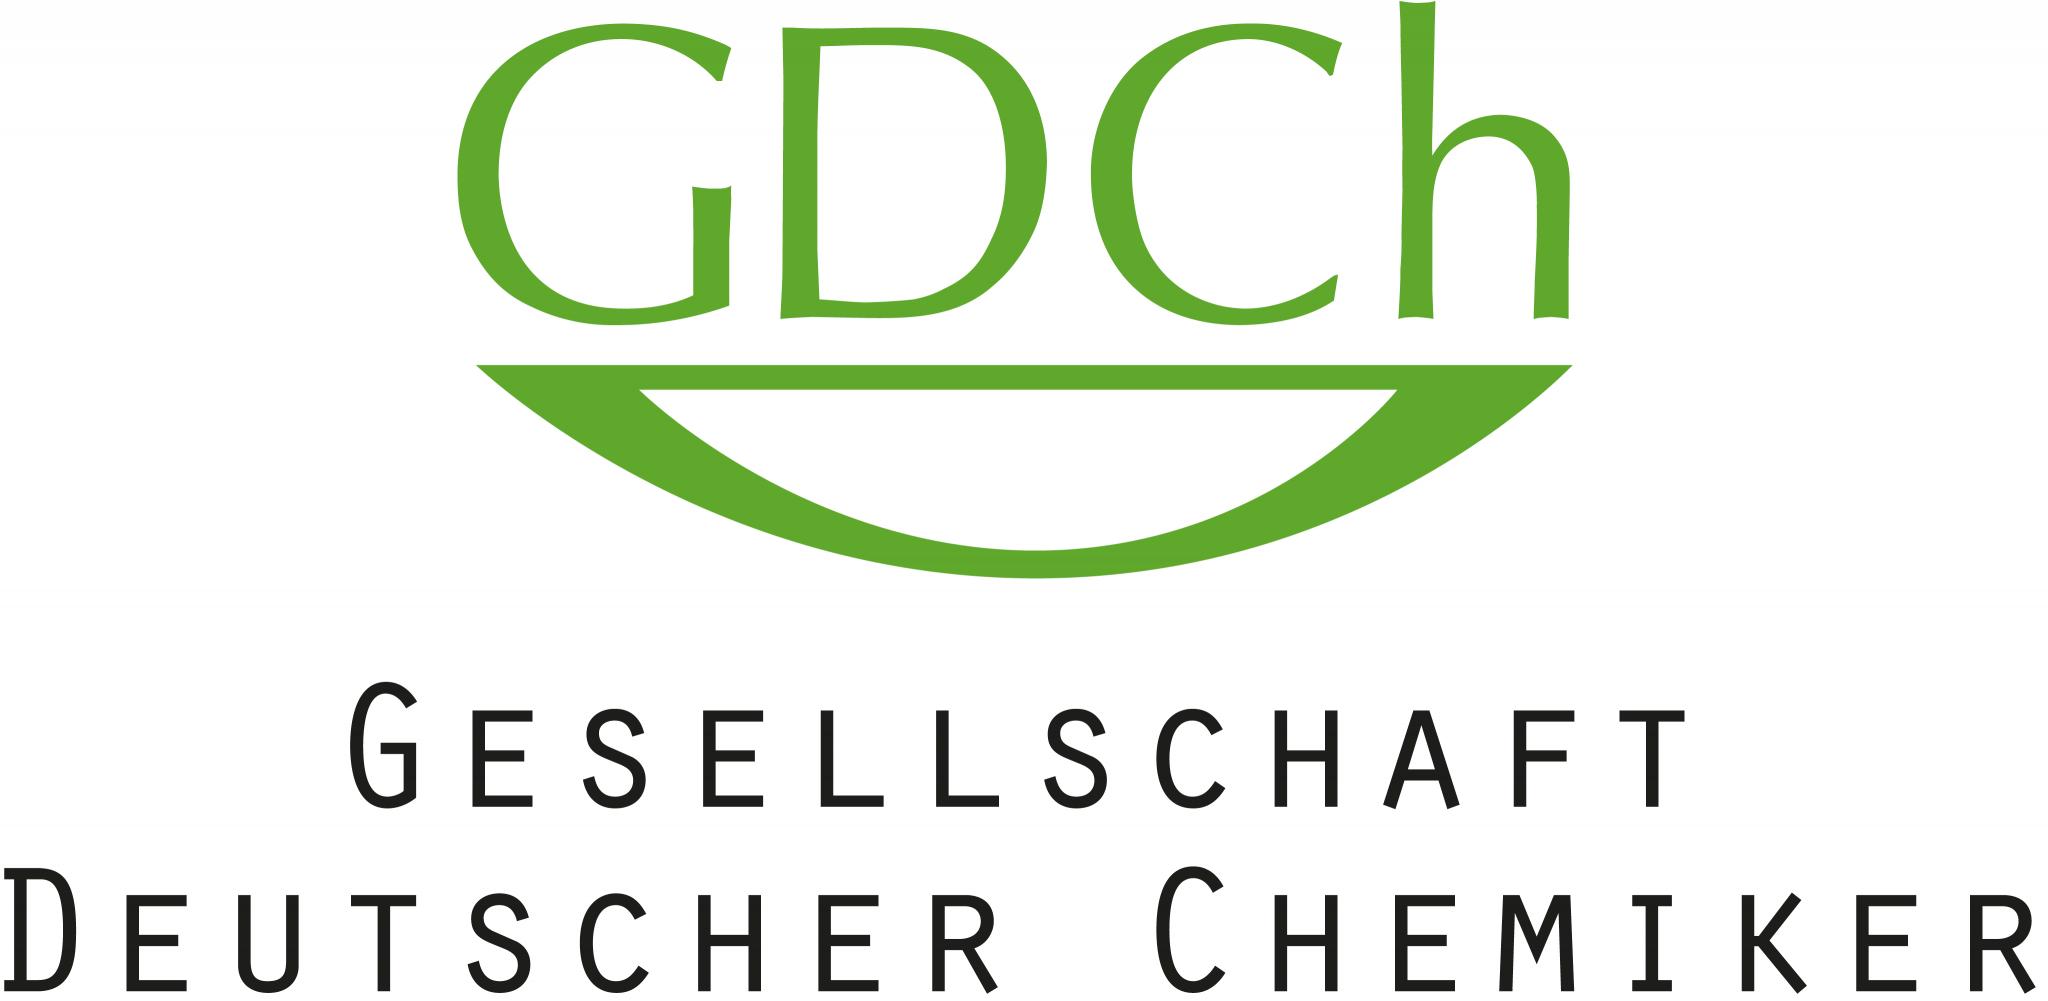 GDCh_Logo_gruen_weisser_Hintergrund